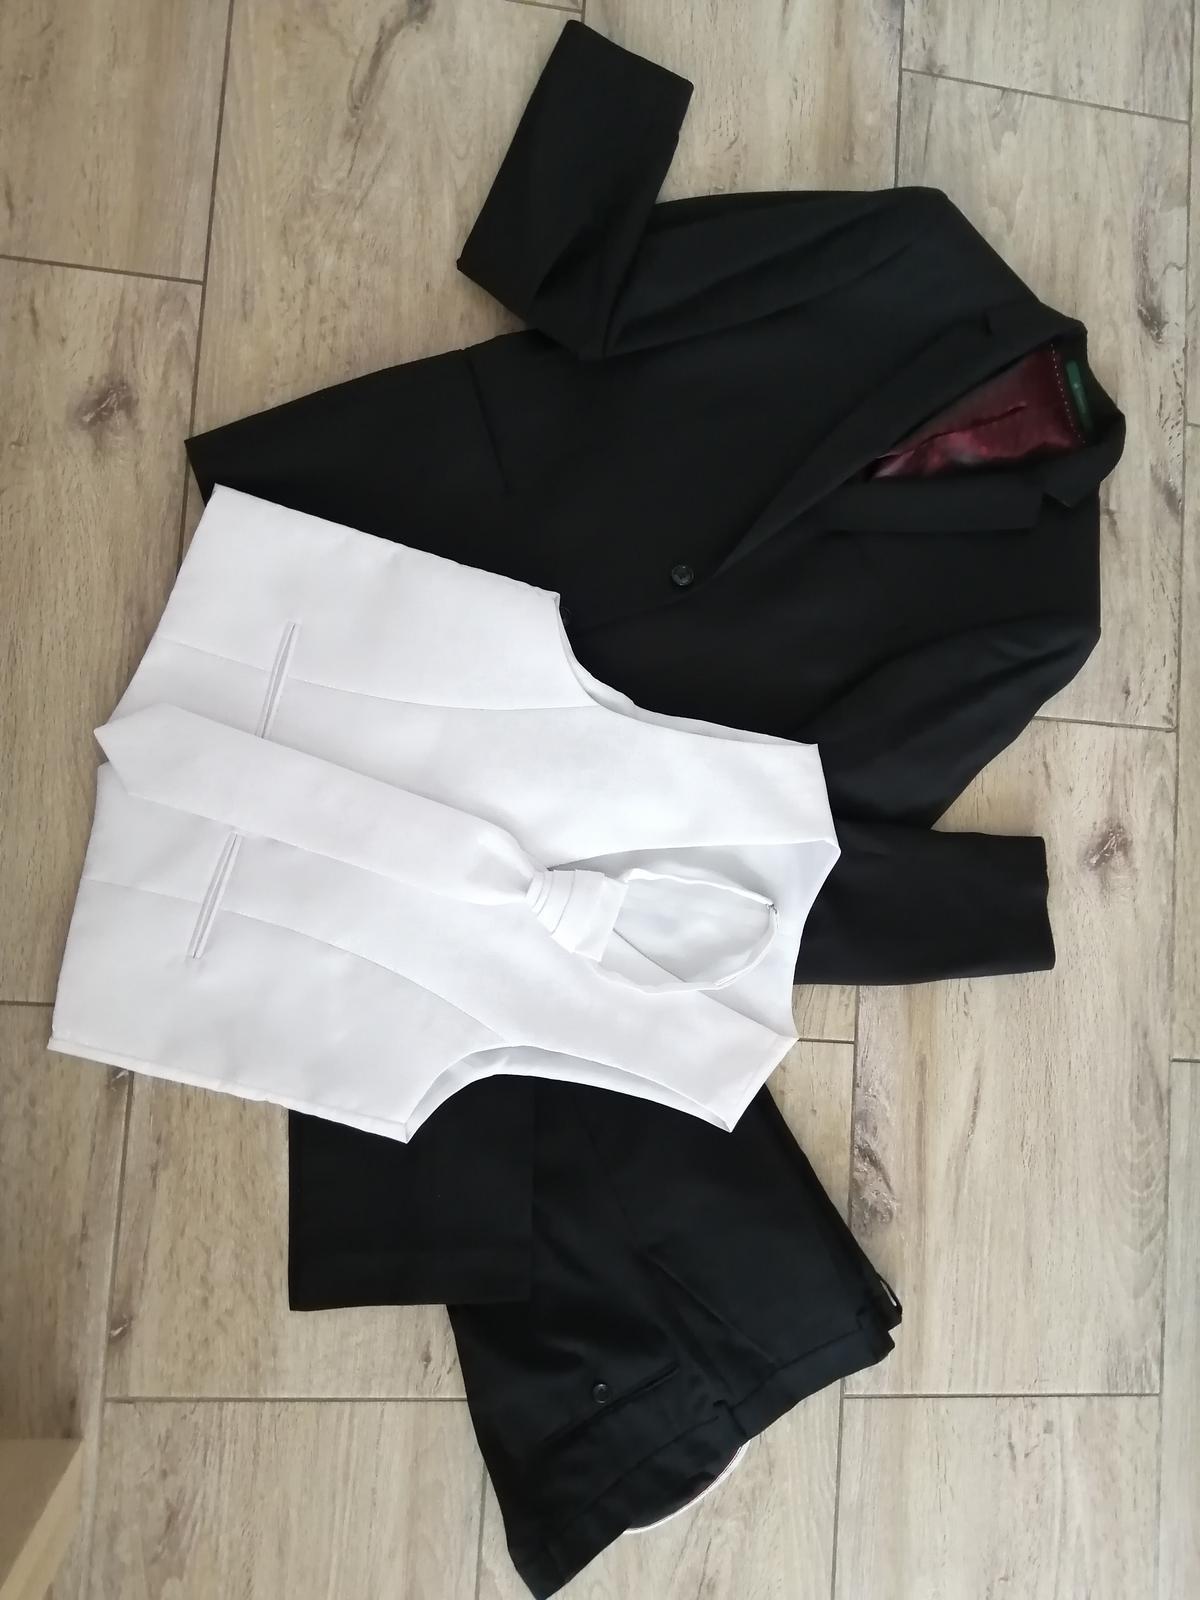 Čierny SLIM svadobný oblek +vesta +kravata - Obrázok č. 1